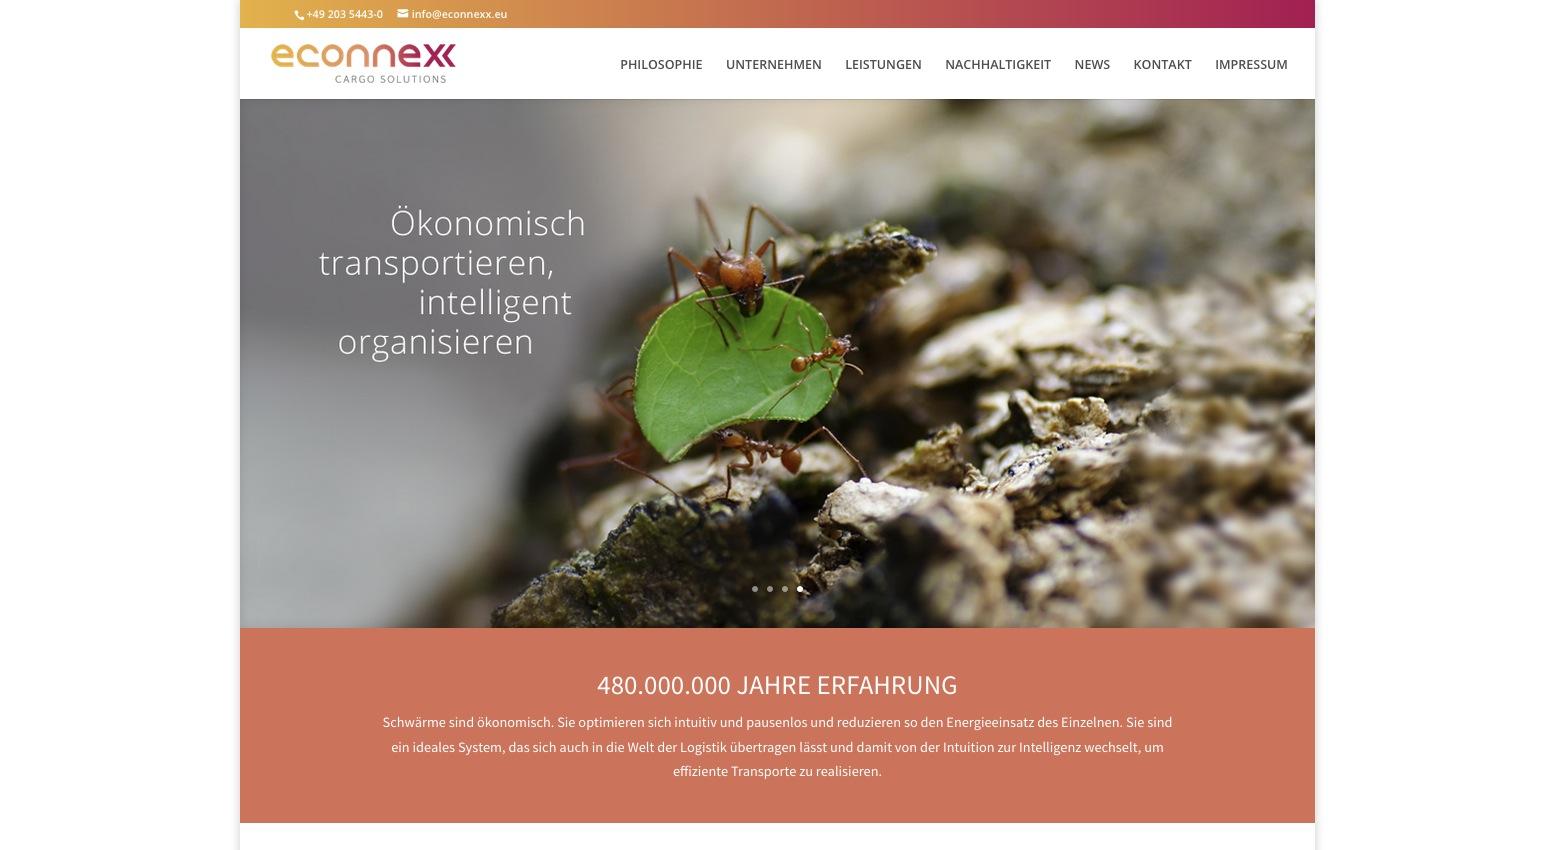 econnexx